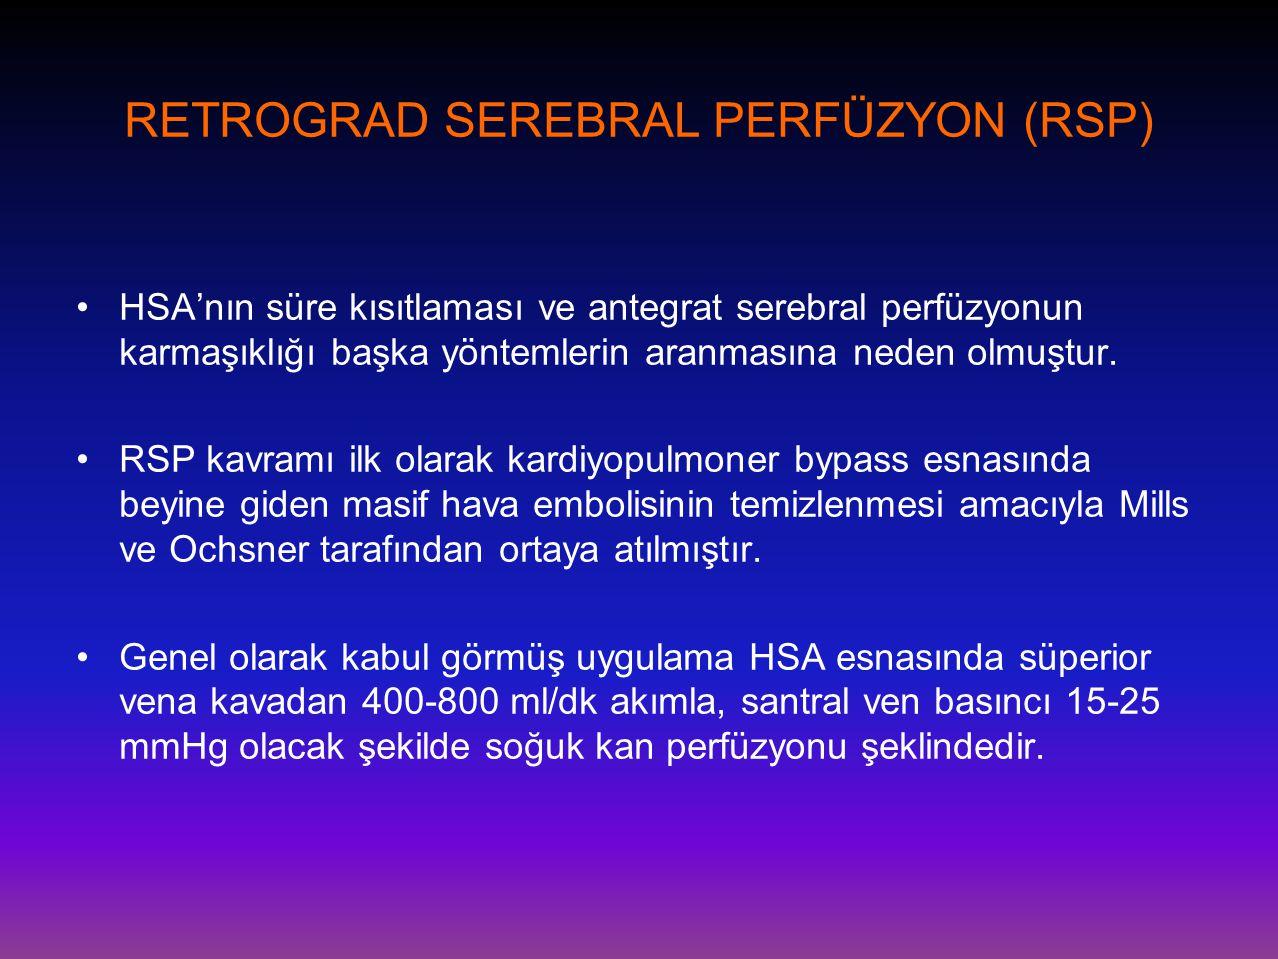 RETROGRAD SEREBRAL PERFÜZYON (RSP) •HSA'nın süre kısıtlaması ve antegrat serebral perfüzyonun karmaşıklığı başka yöntemlerin aranmasına neden olmuştur